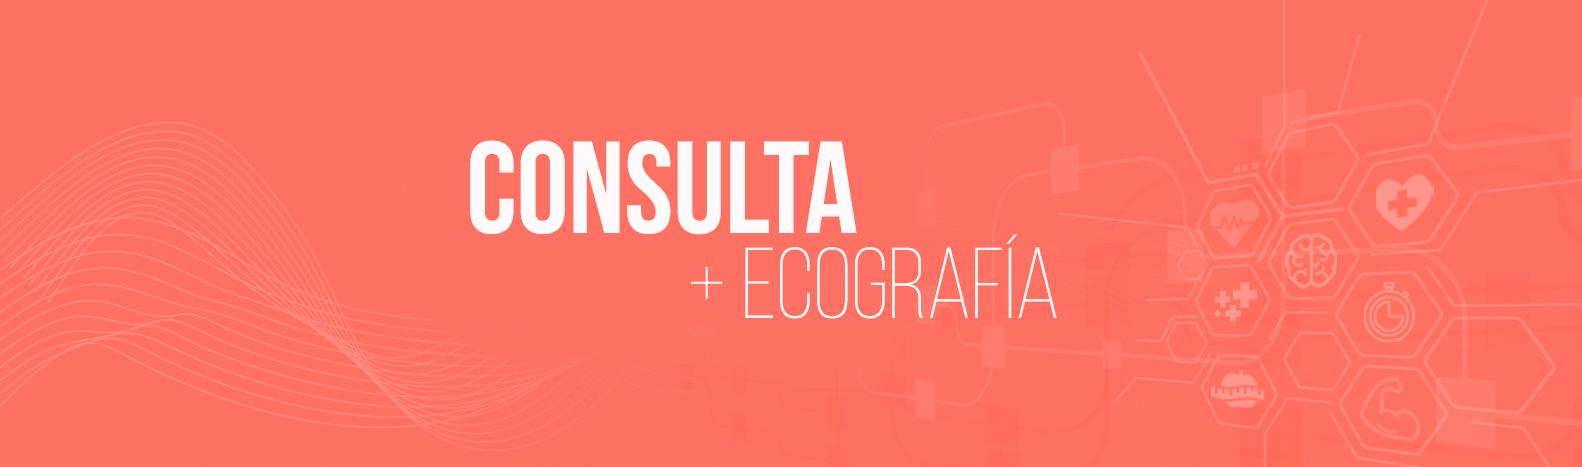 Consulta + Ecografía